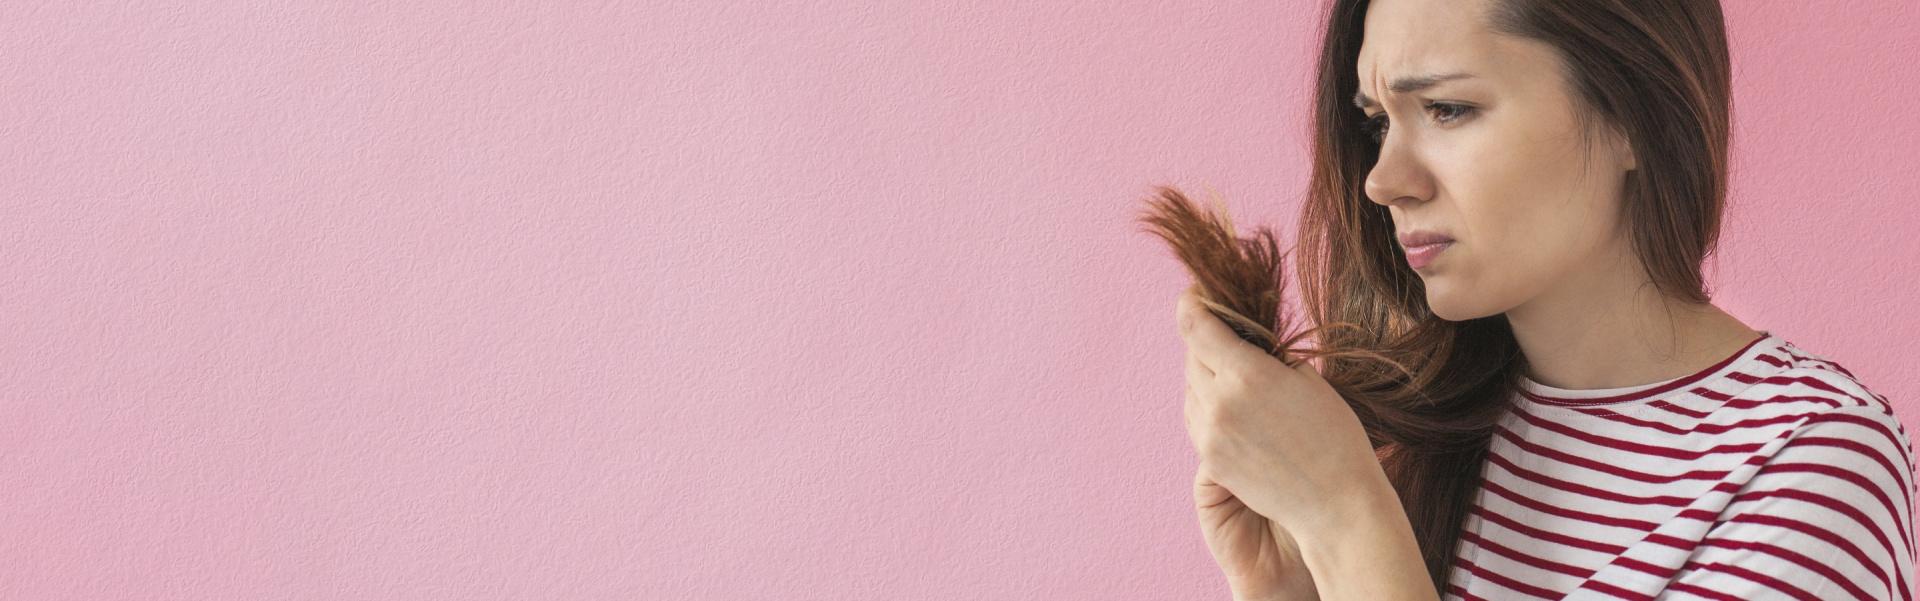 """<p><span style=""""color:#FFF0F5;"""">¿Sabías quepuedes llegar a perder<br /> hasta 100 cabellos al día?</span></p>"""